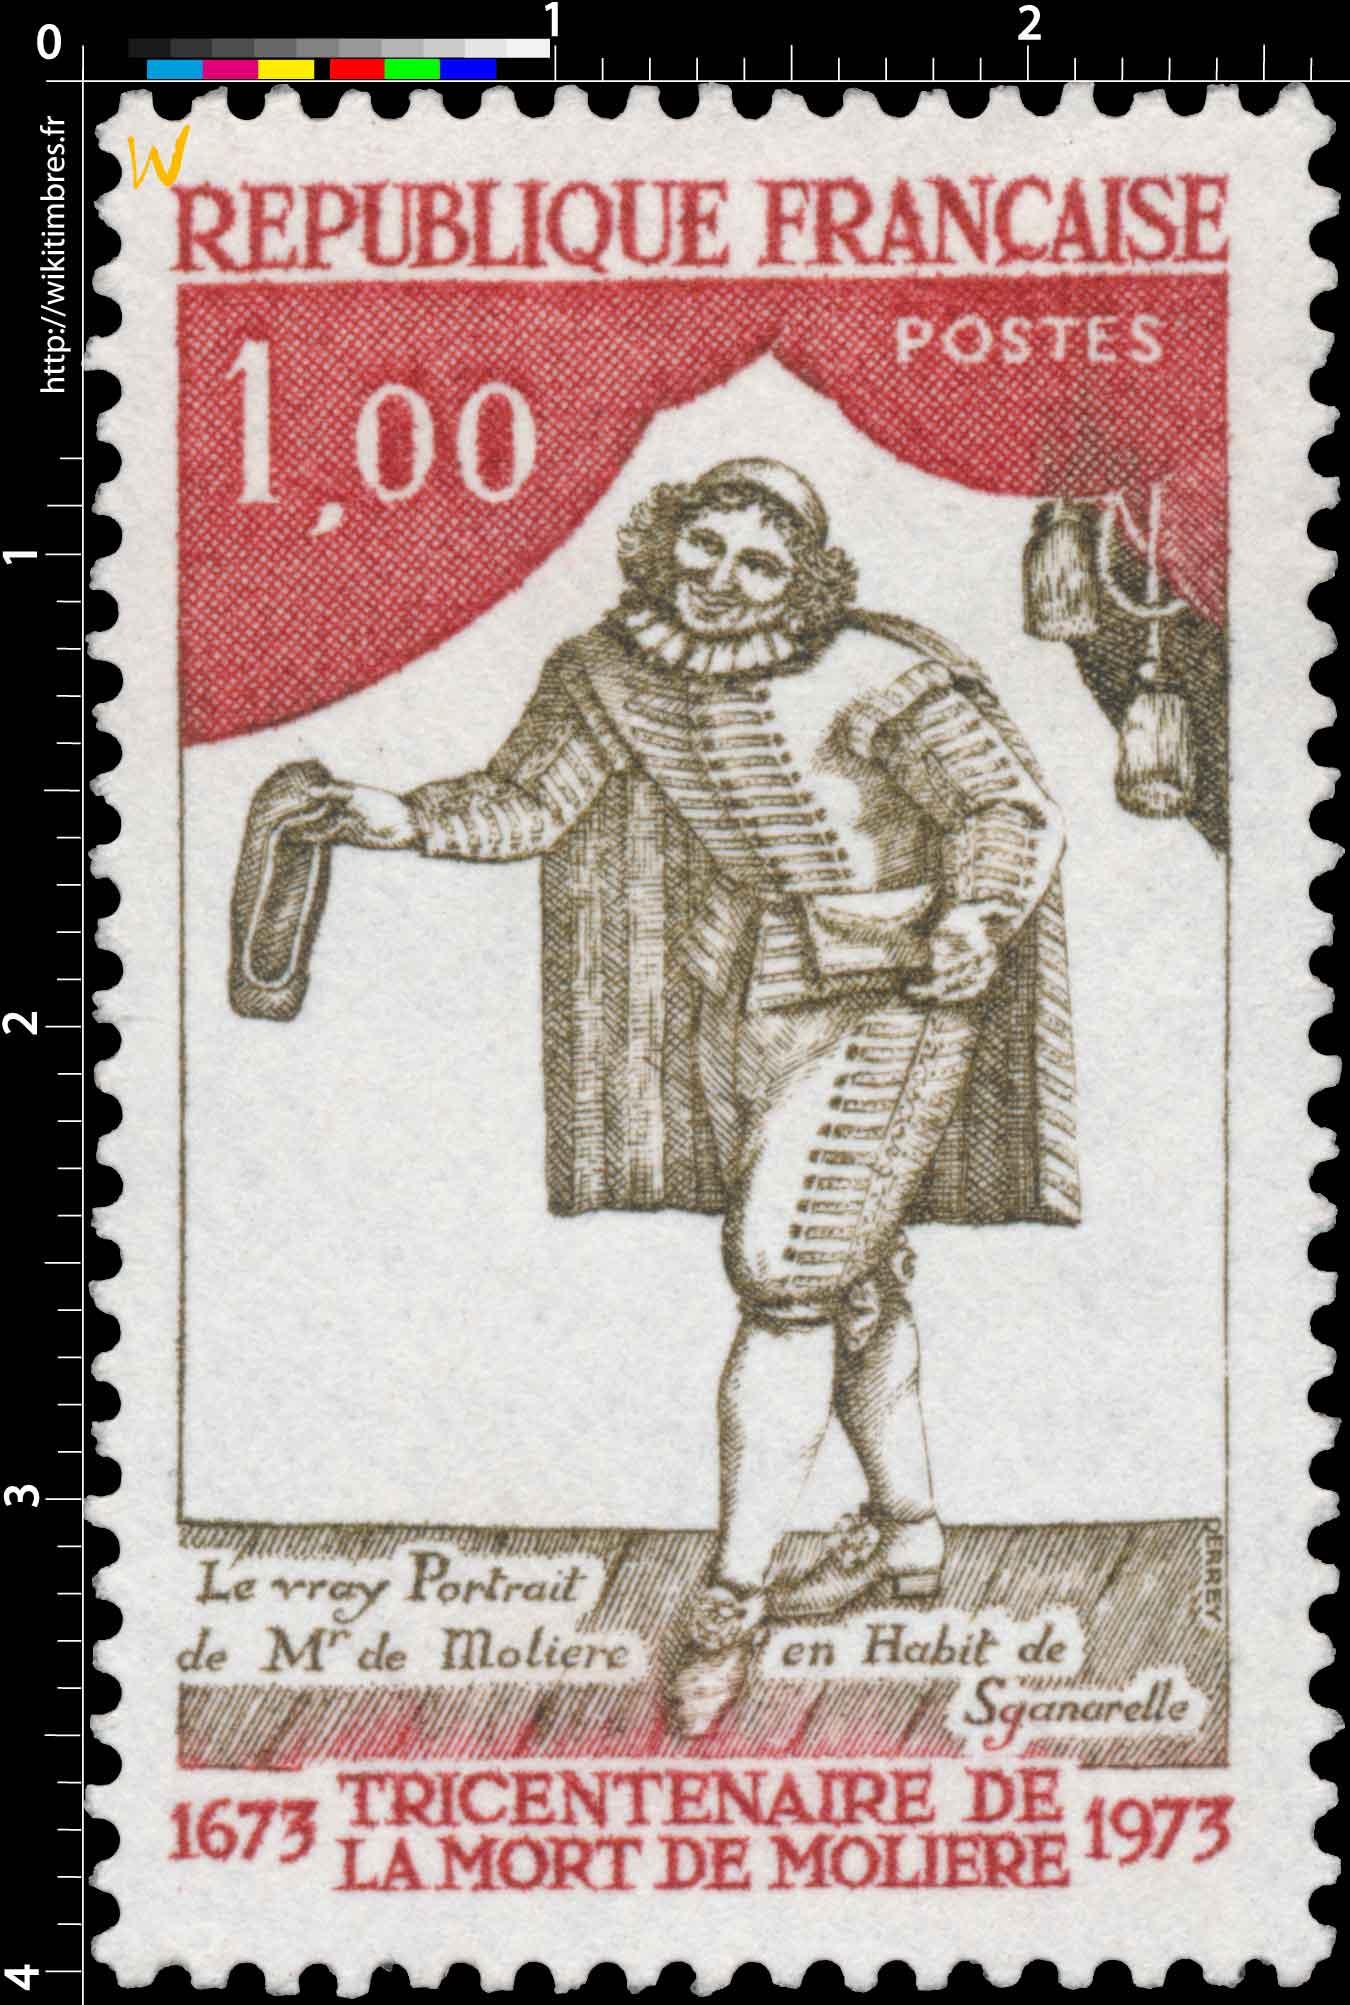 TRICENTENAIRE DE LA MORT DE MOLIÈRE 1673-1973 LE VRAY Portrait de Mr de Molière en Habit de Sganarelle